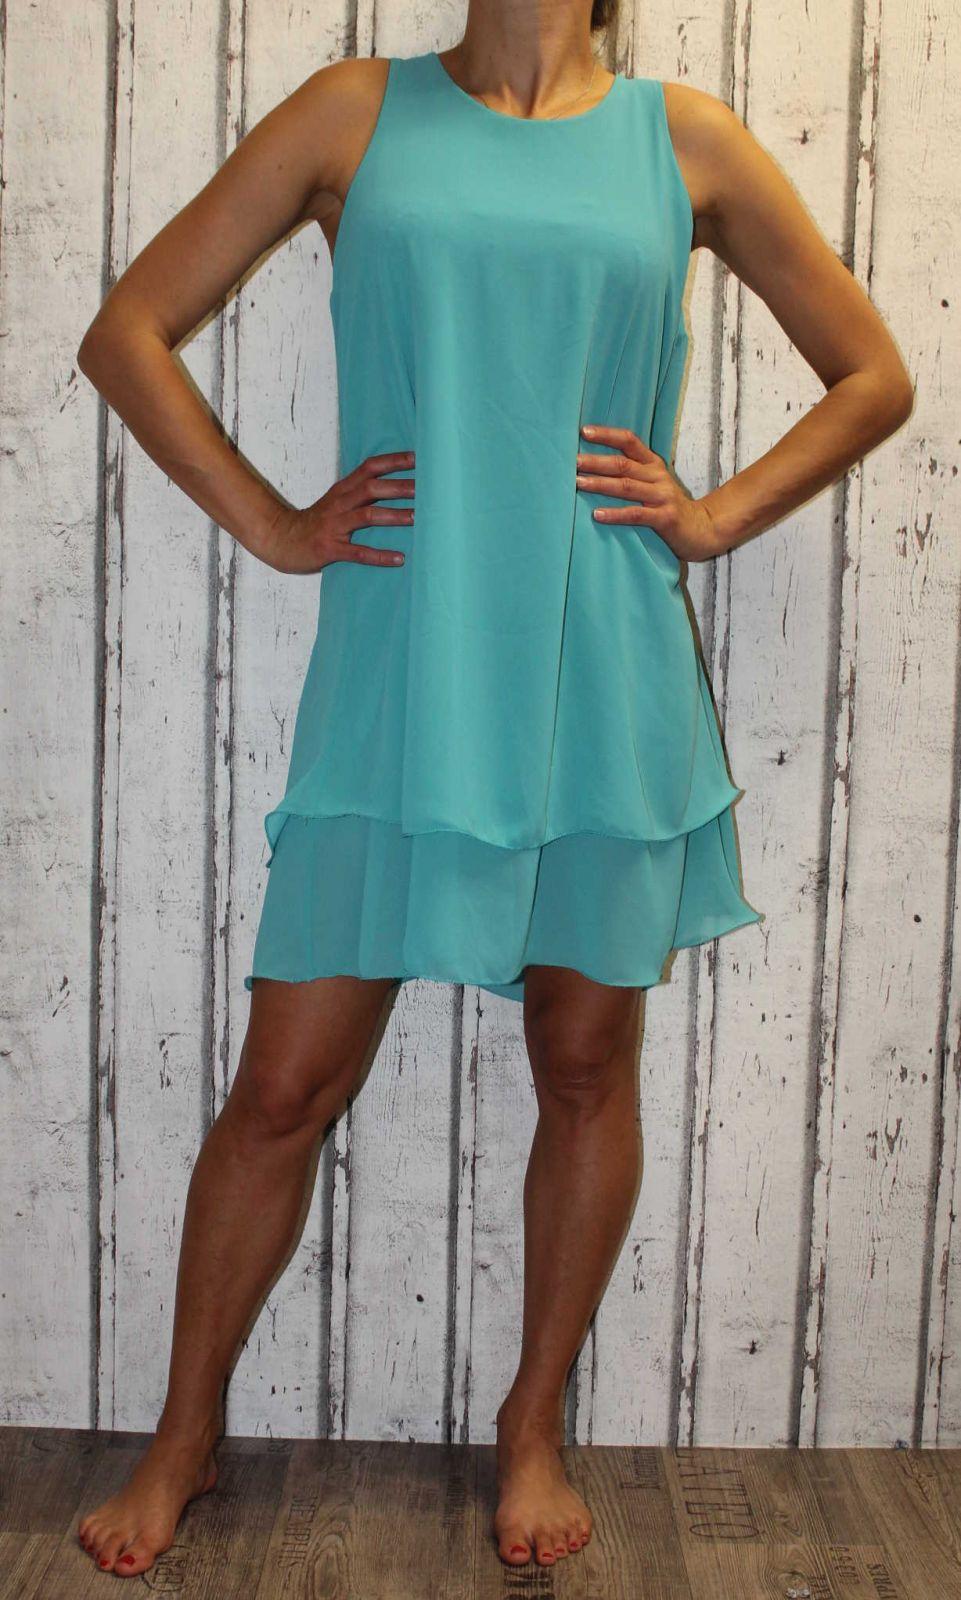 Dámské letní šaty, dámské tylové šaty, šaty volný střih, vzdušné šaty